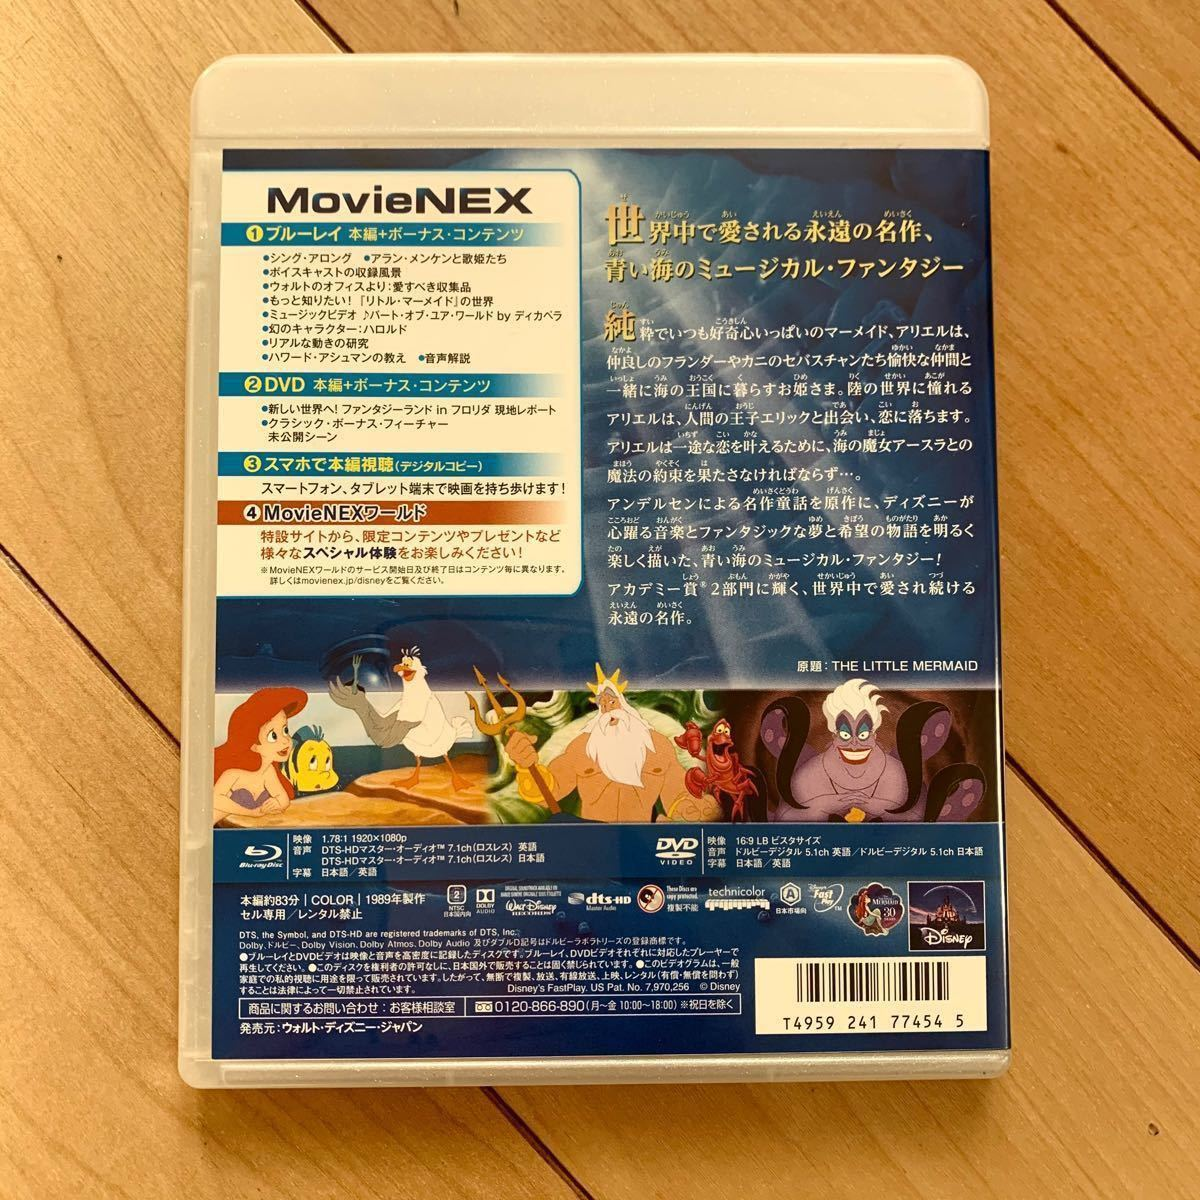 アナと雪の女王2、リトルマーメイド、ライオンキング、ブルーレイ+純正ケース  3本セット 新品未再生 MOVIENEX